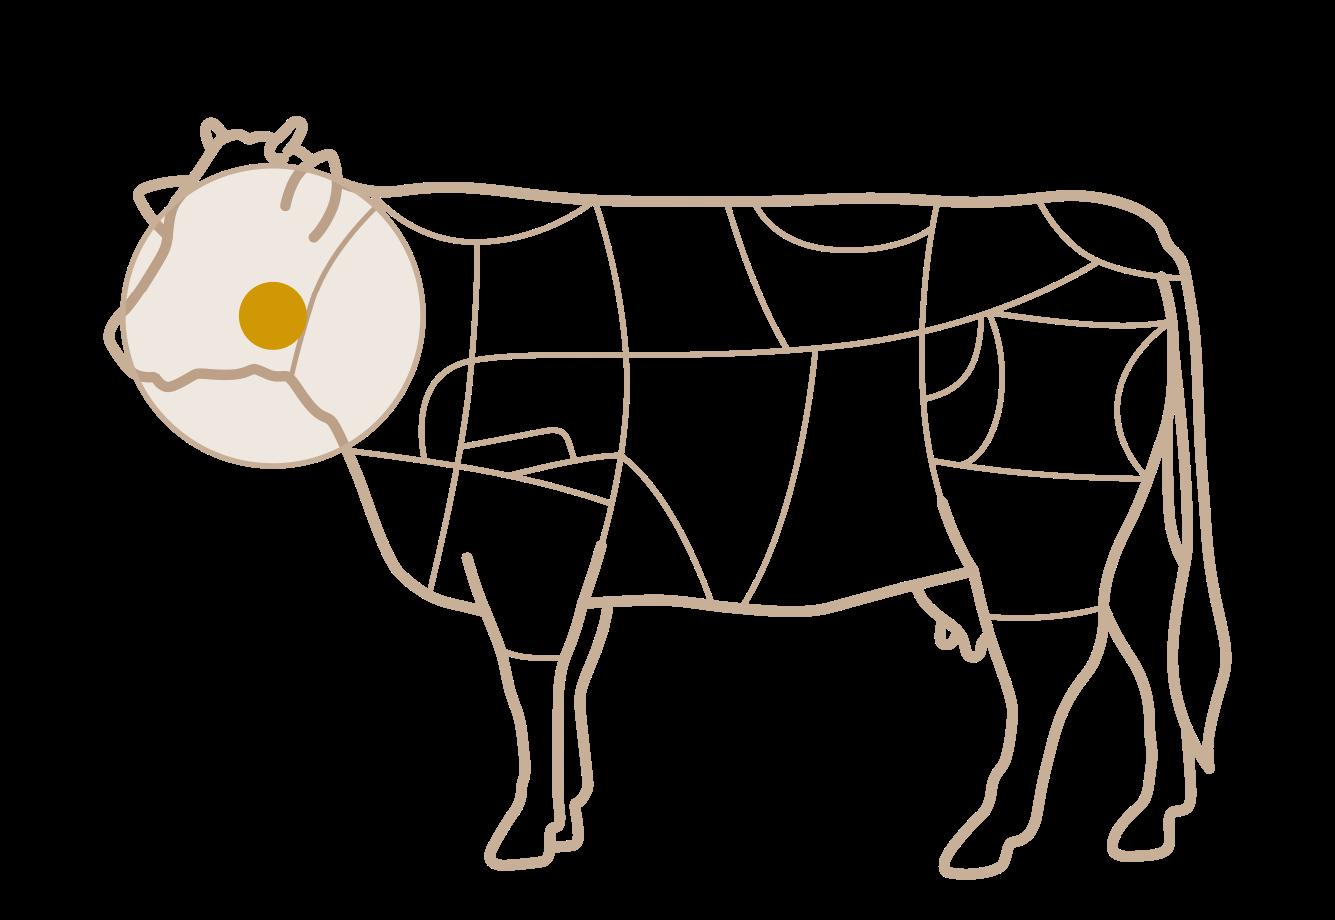 Tipo de corte vaca